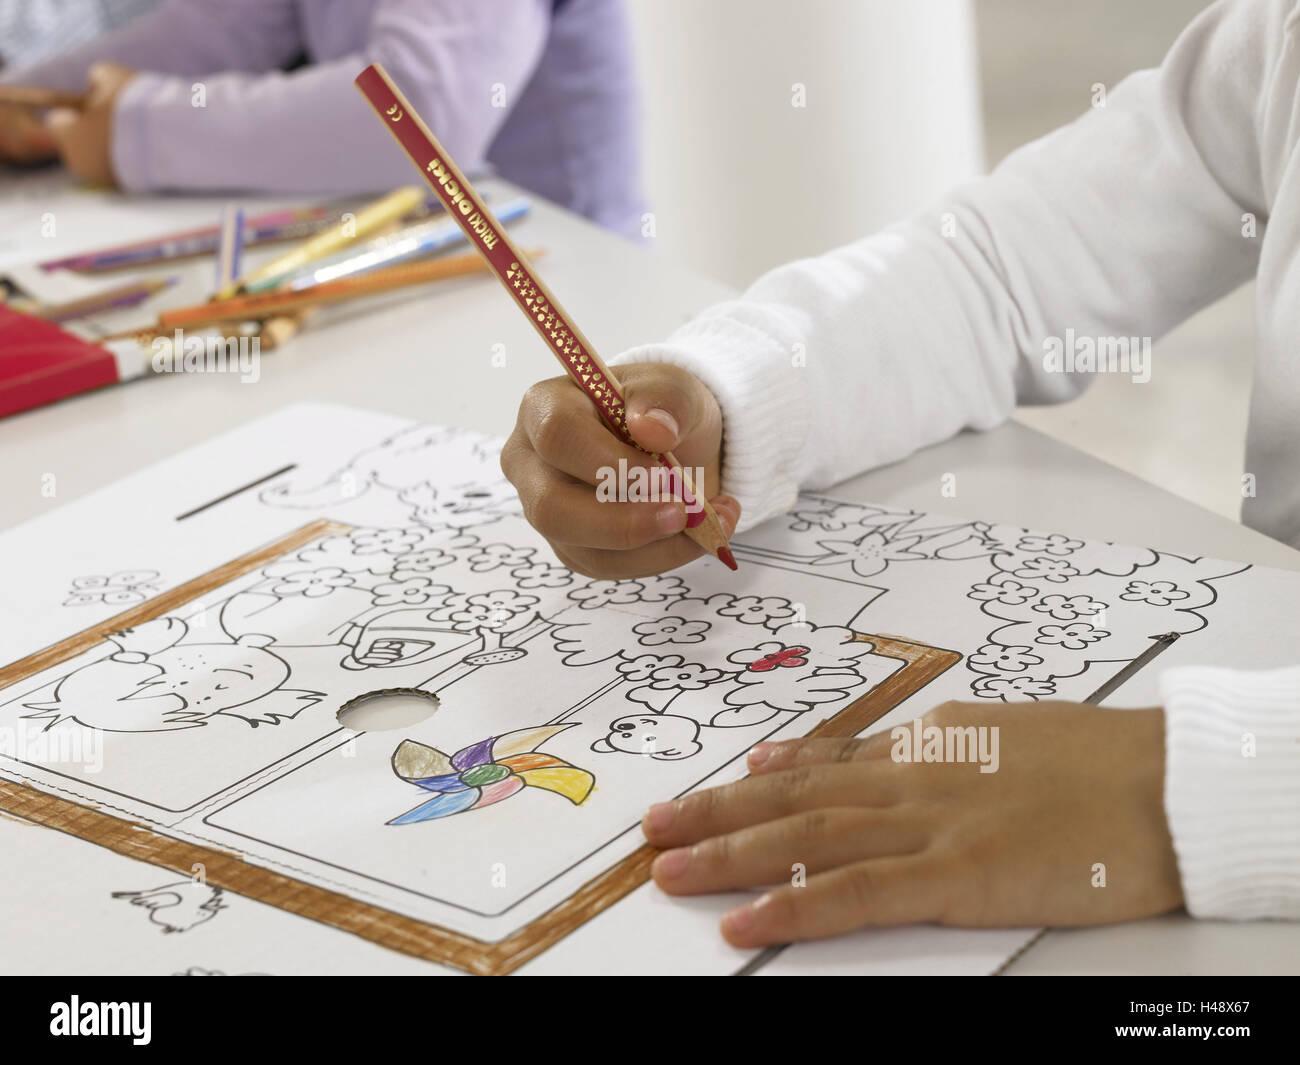 Mädchen Farbige Stifte Zeichen Gewellt Modell